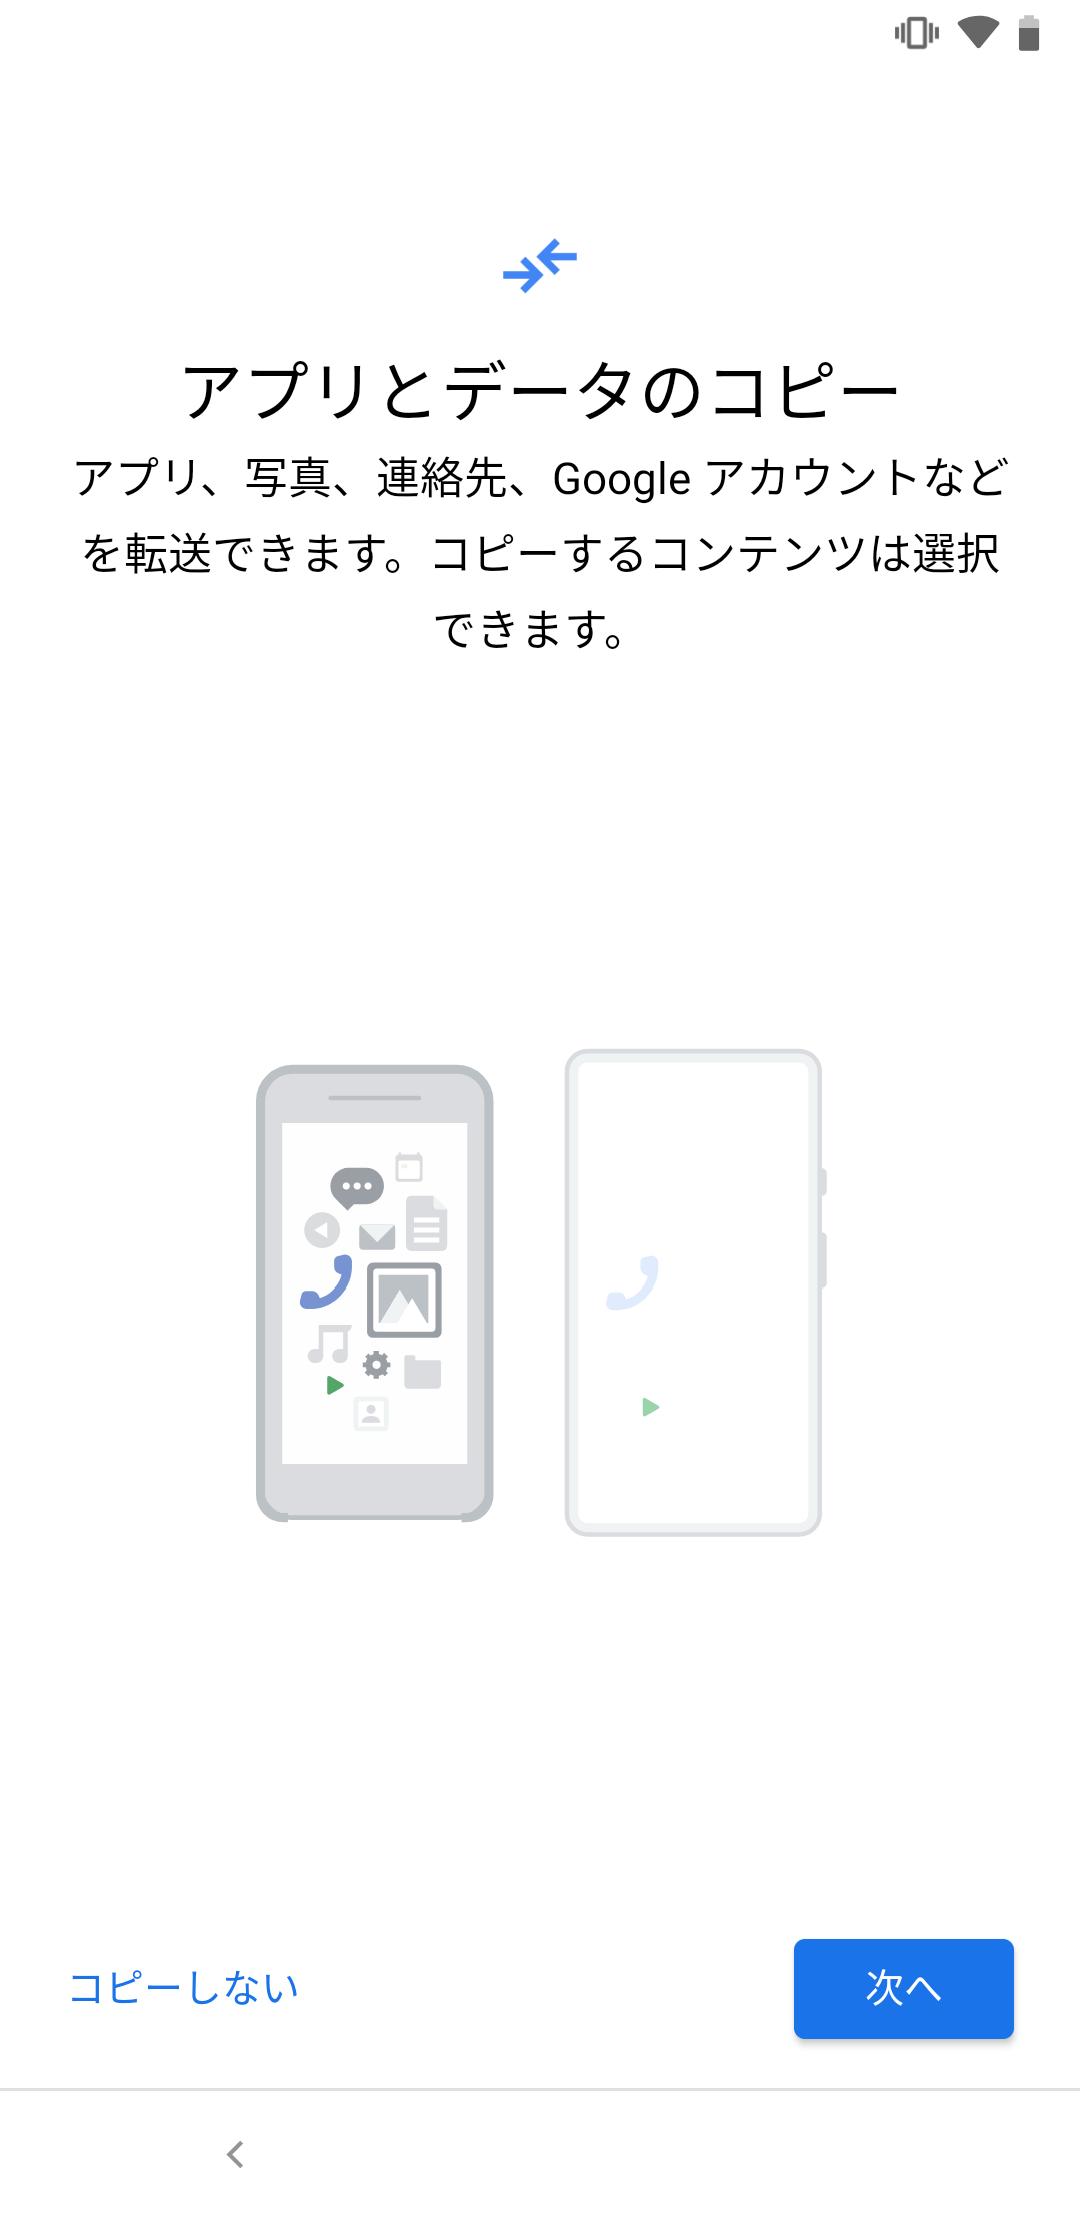 アプリとデータのコピー(コピーしない)